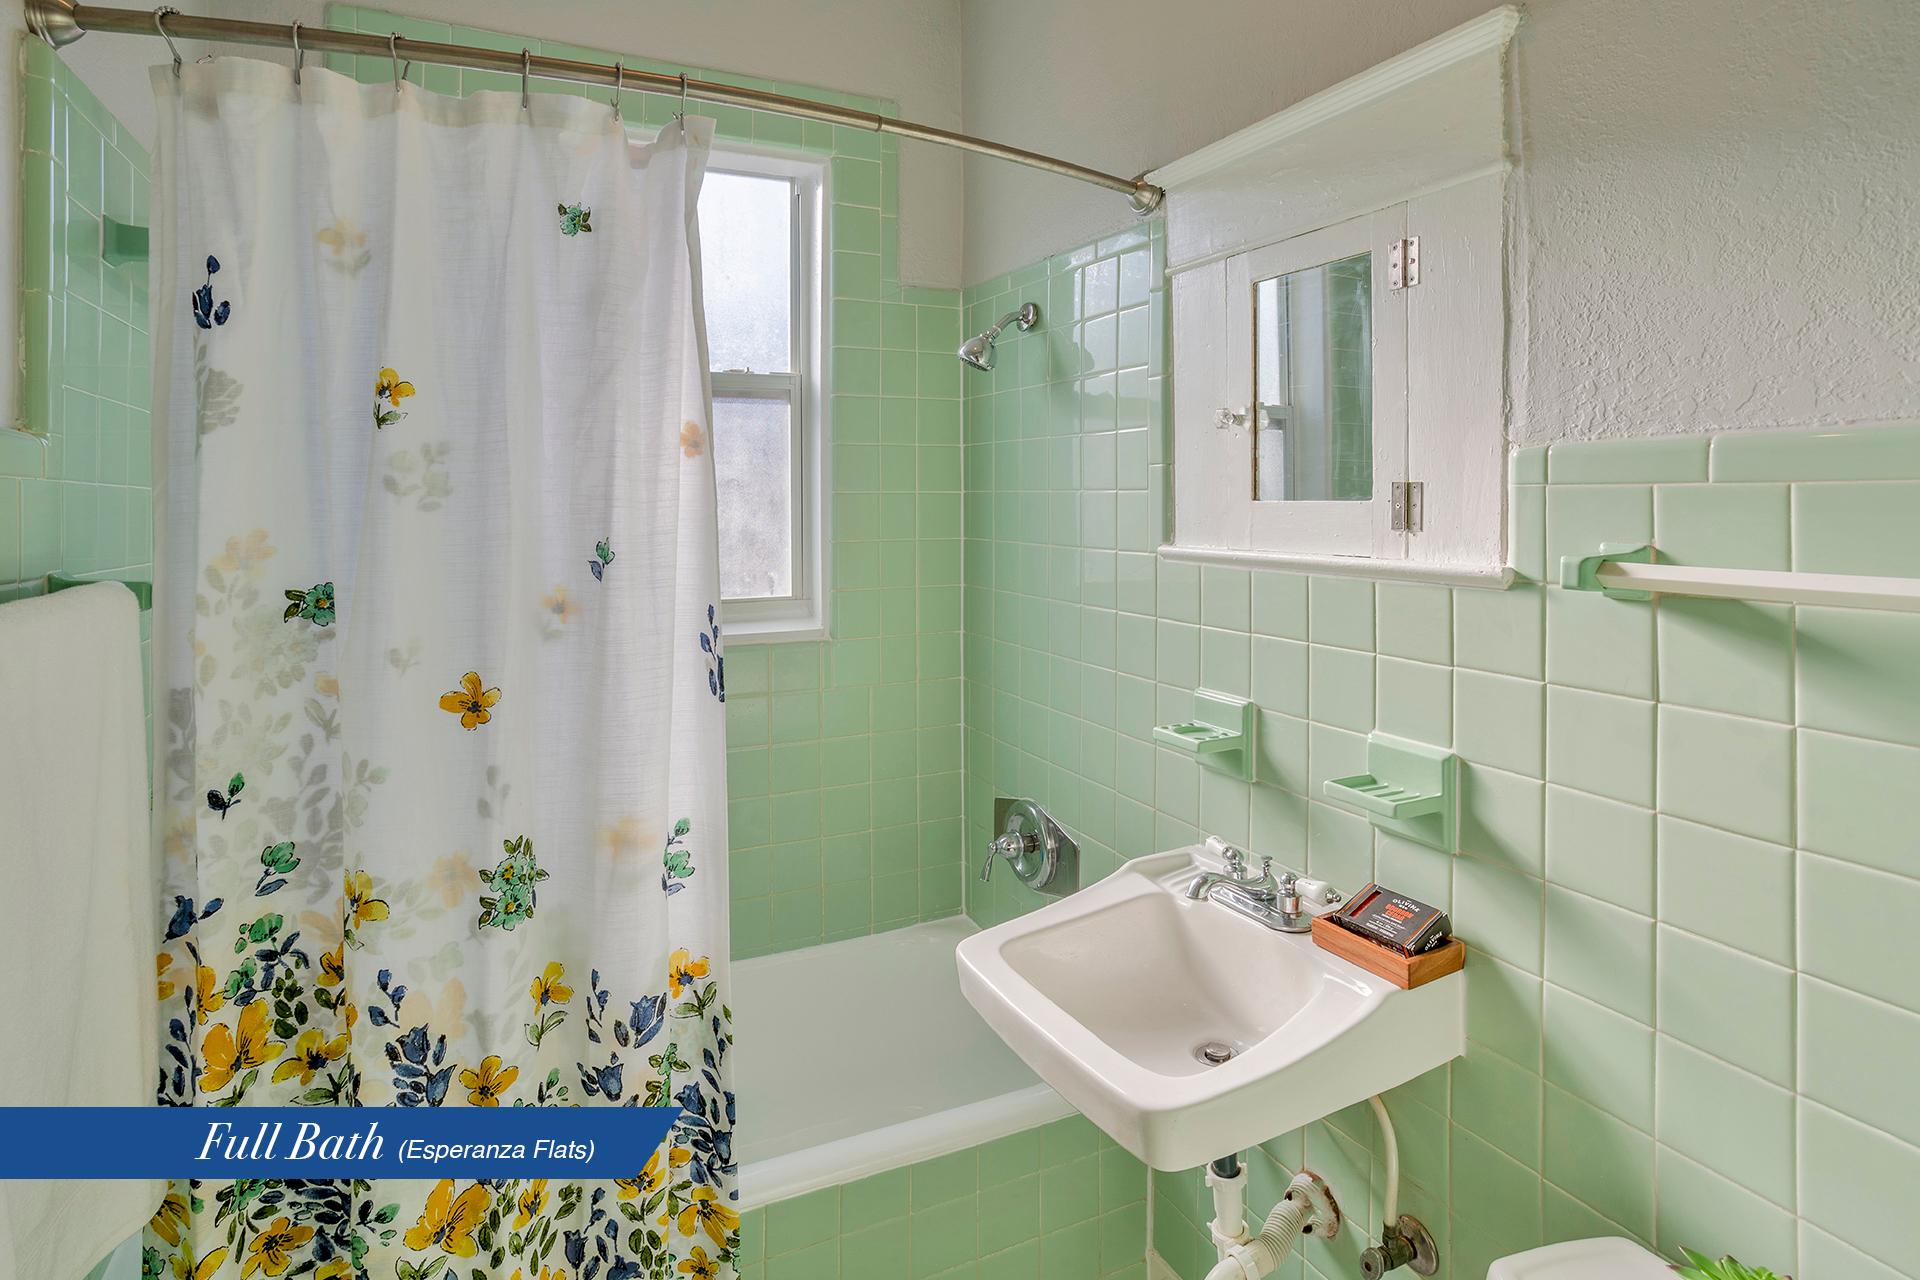 Esperanza-bath